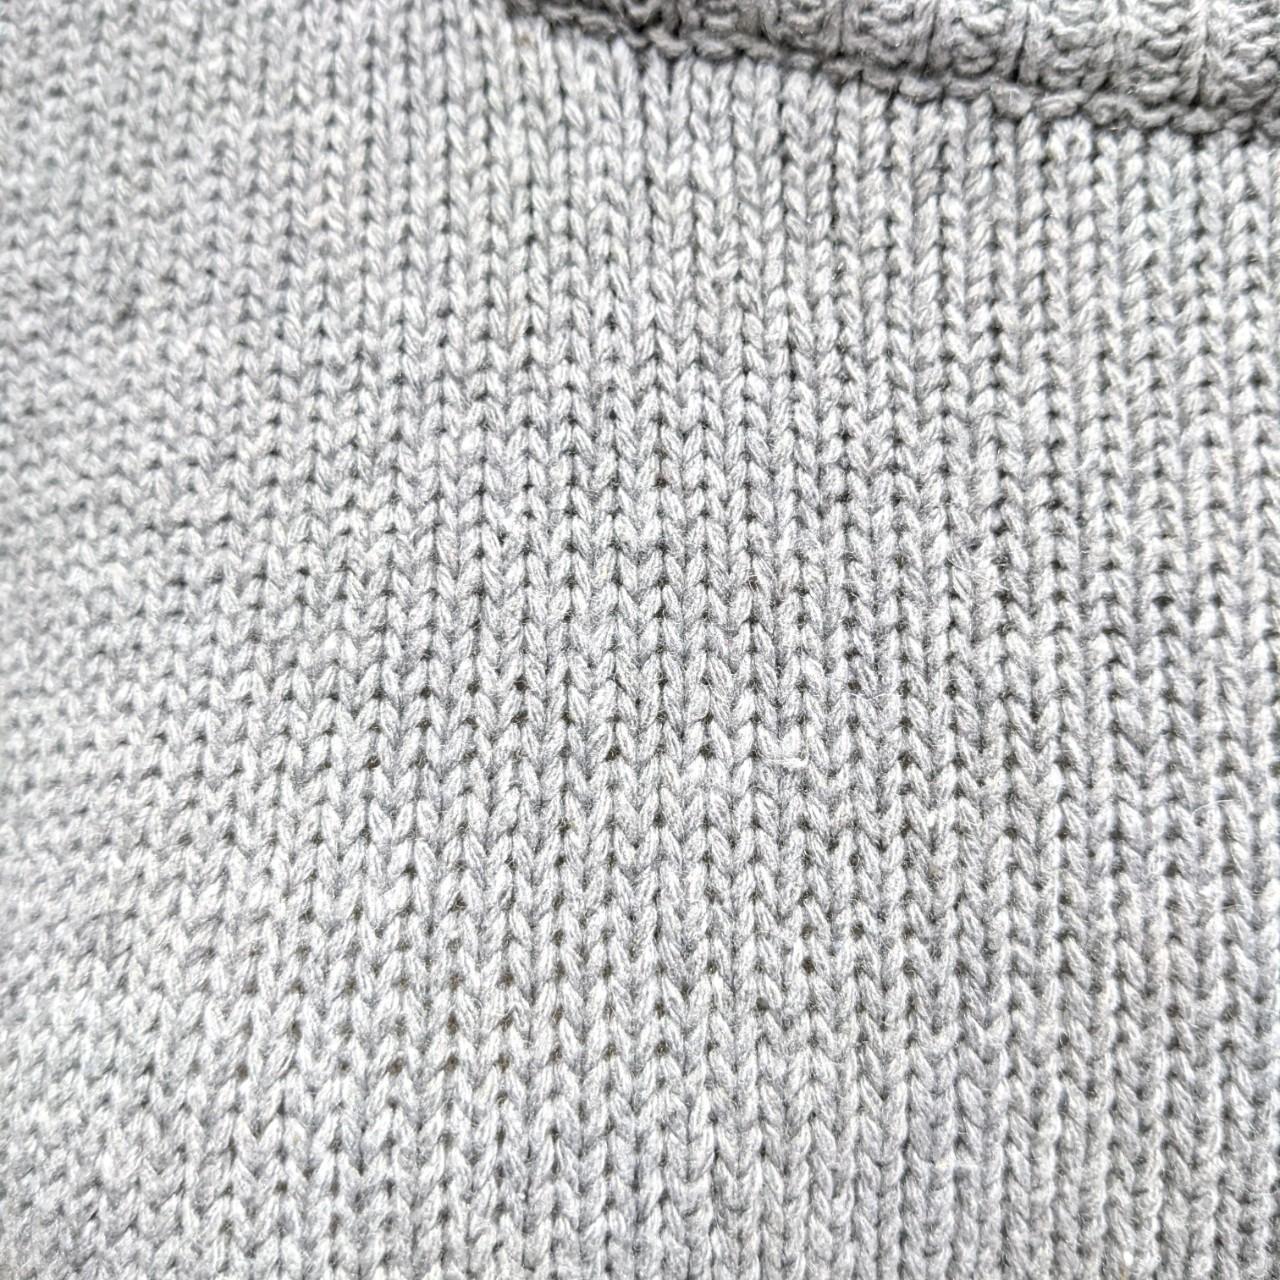 【即納】韓国 ファッション ワンピース 秋 冬 カジュアル SPTXH166  ゆったり リブニットワンピ ビッグシルエット オルチャン シンプル 定番 セレカジの写真11枚目